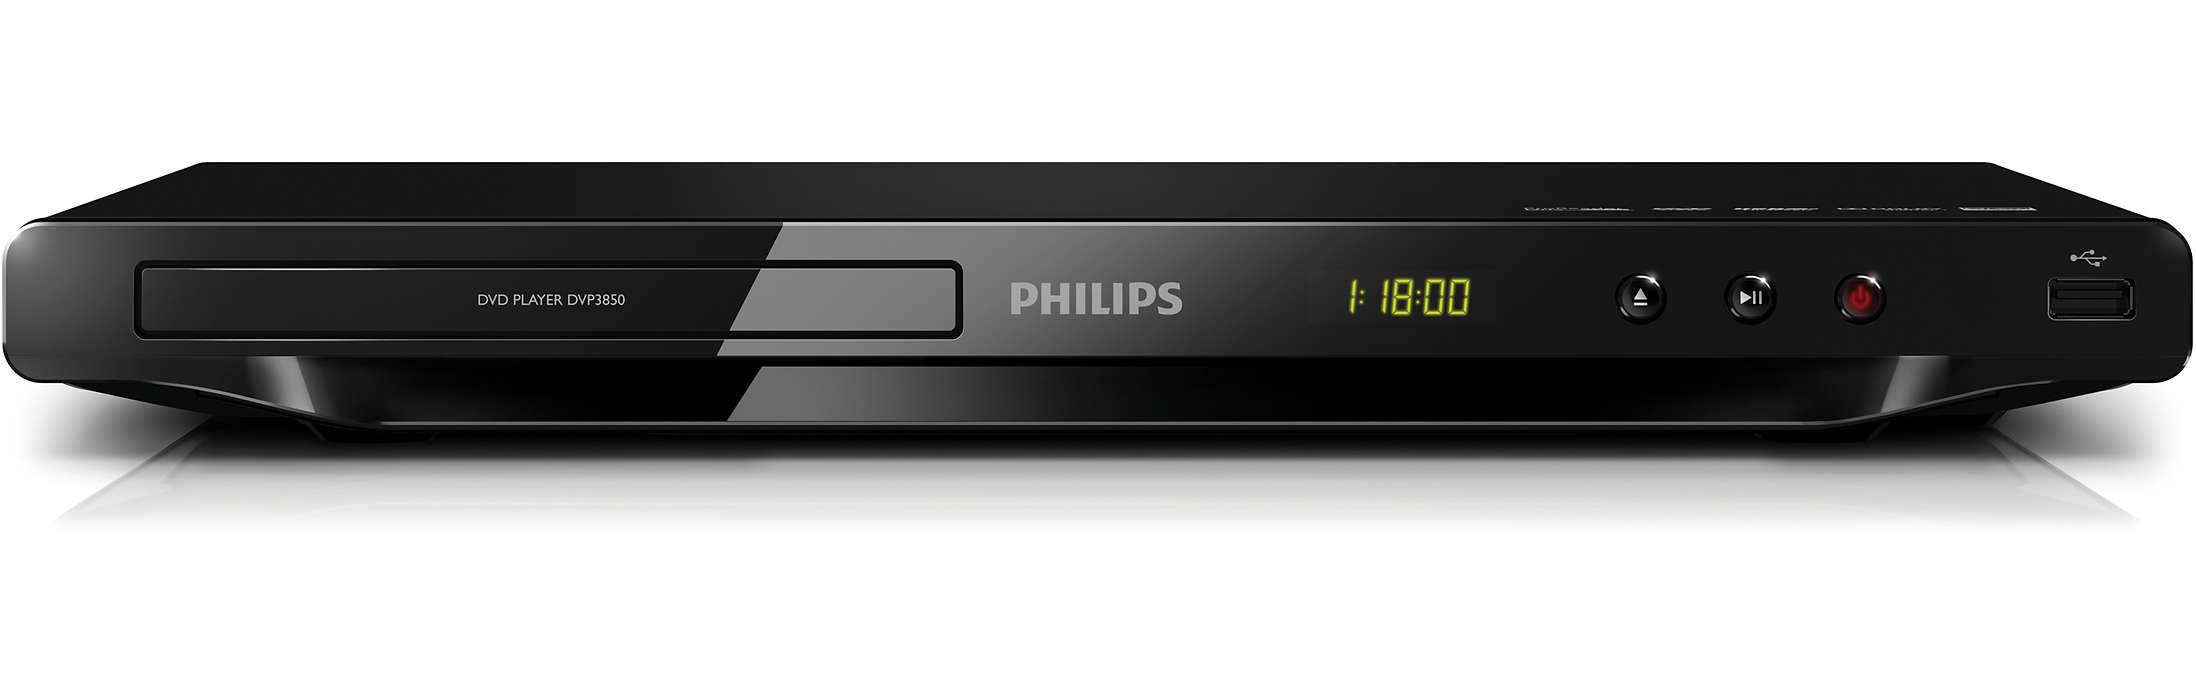 Todo o entretenimento ao seu alcance: de DVD a USB